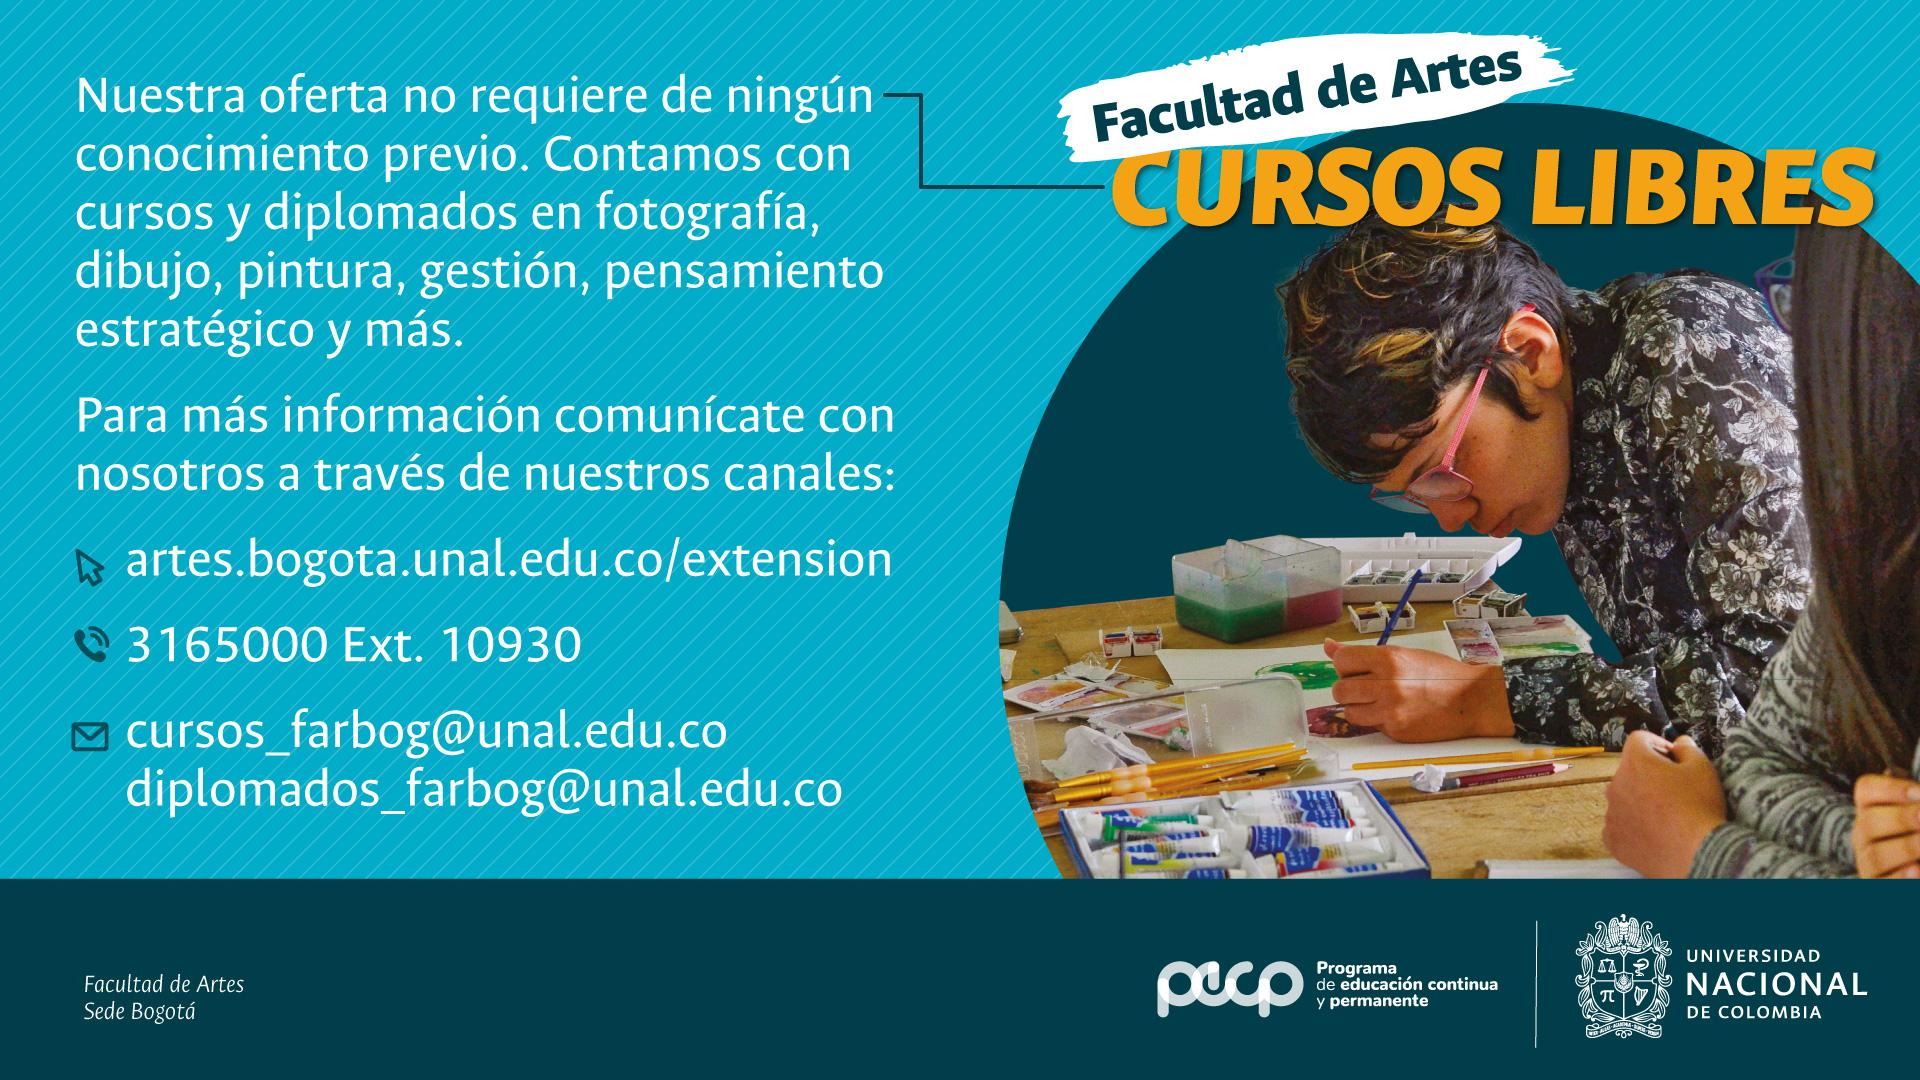 Últimos cupos para la oferta de cursos 2018 de Artes